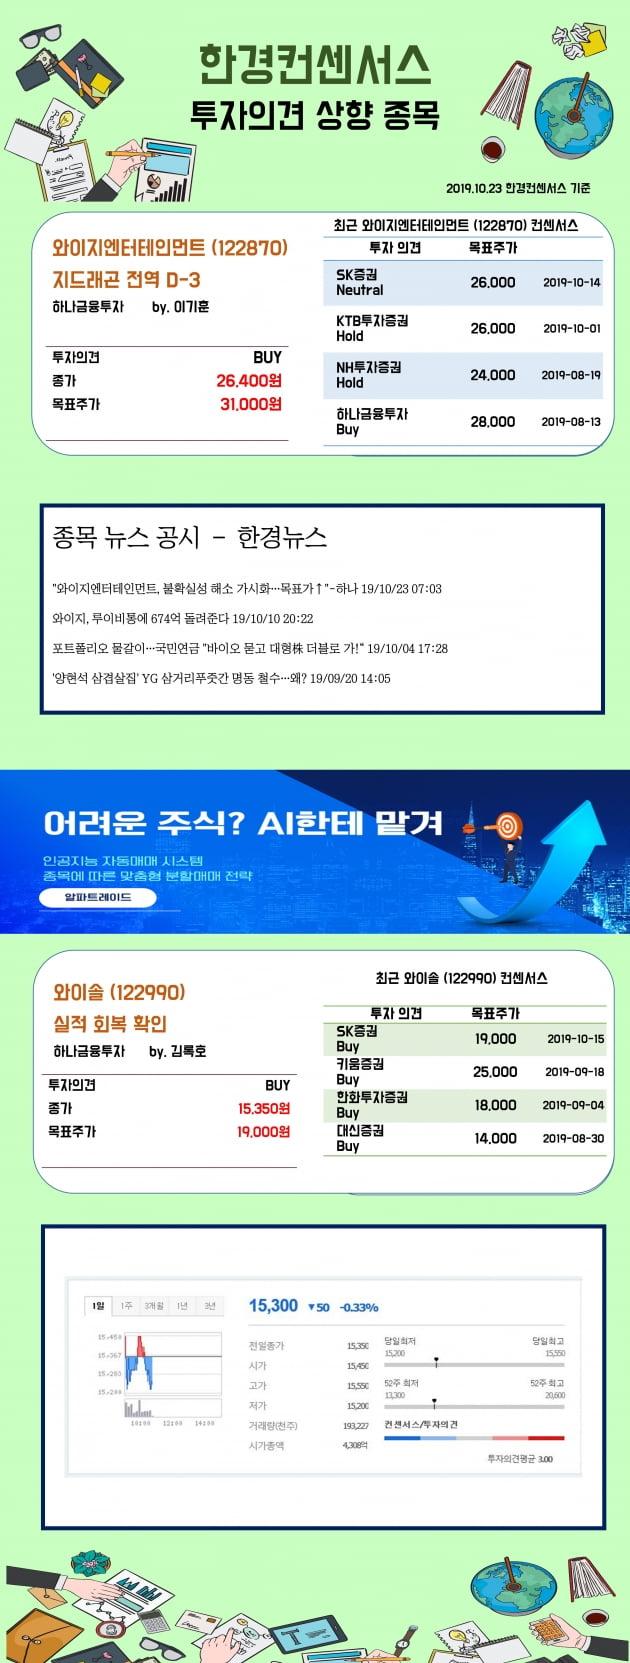 [한경컨센서스] 23일 리포트 투자의견 상향종목 (1)